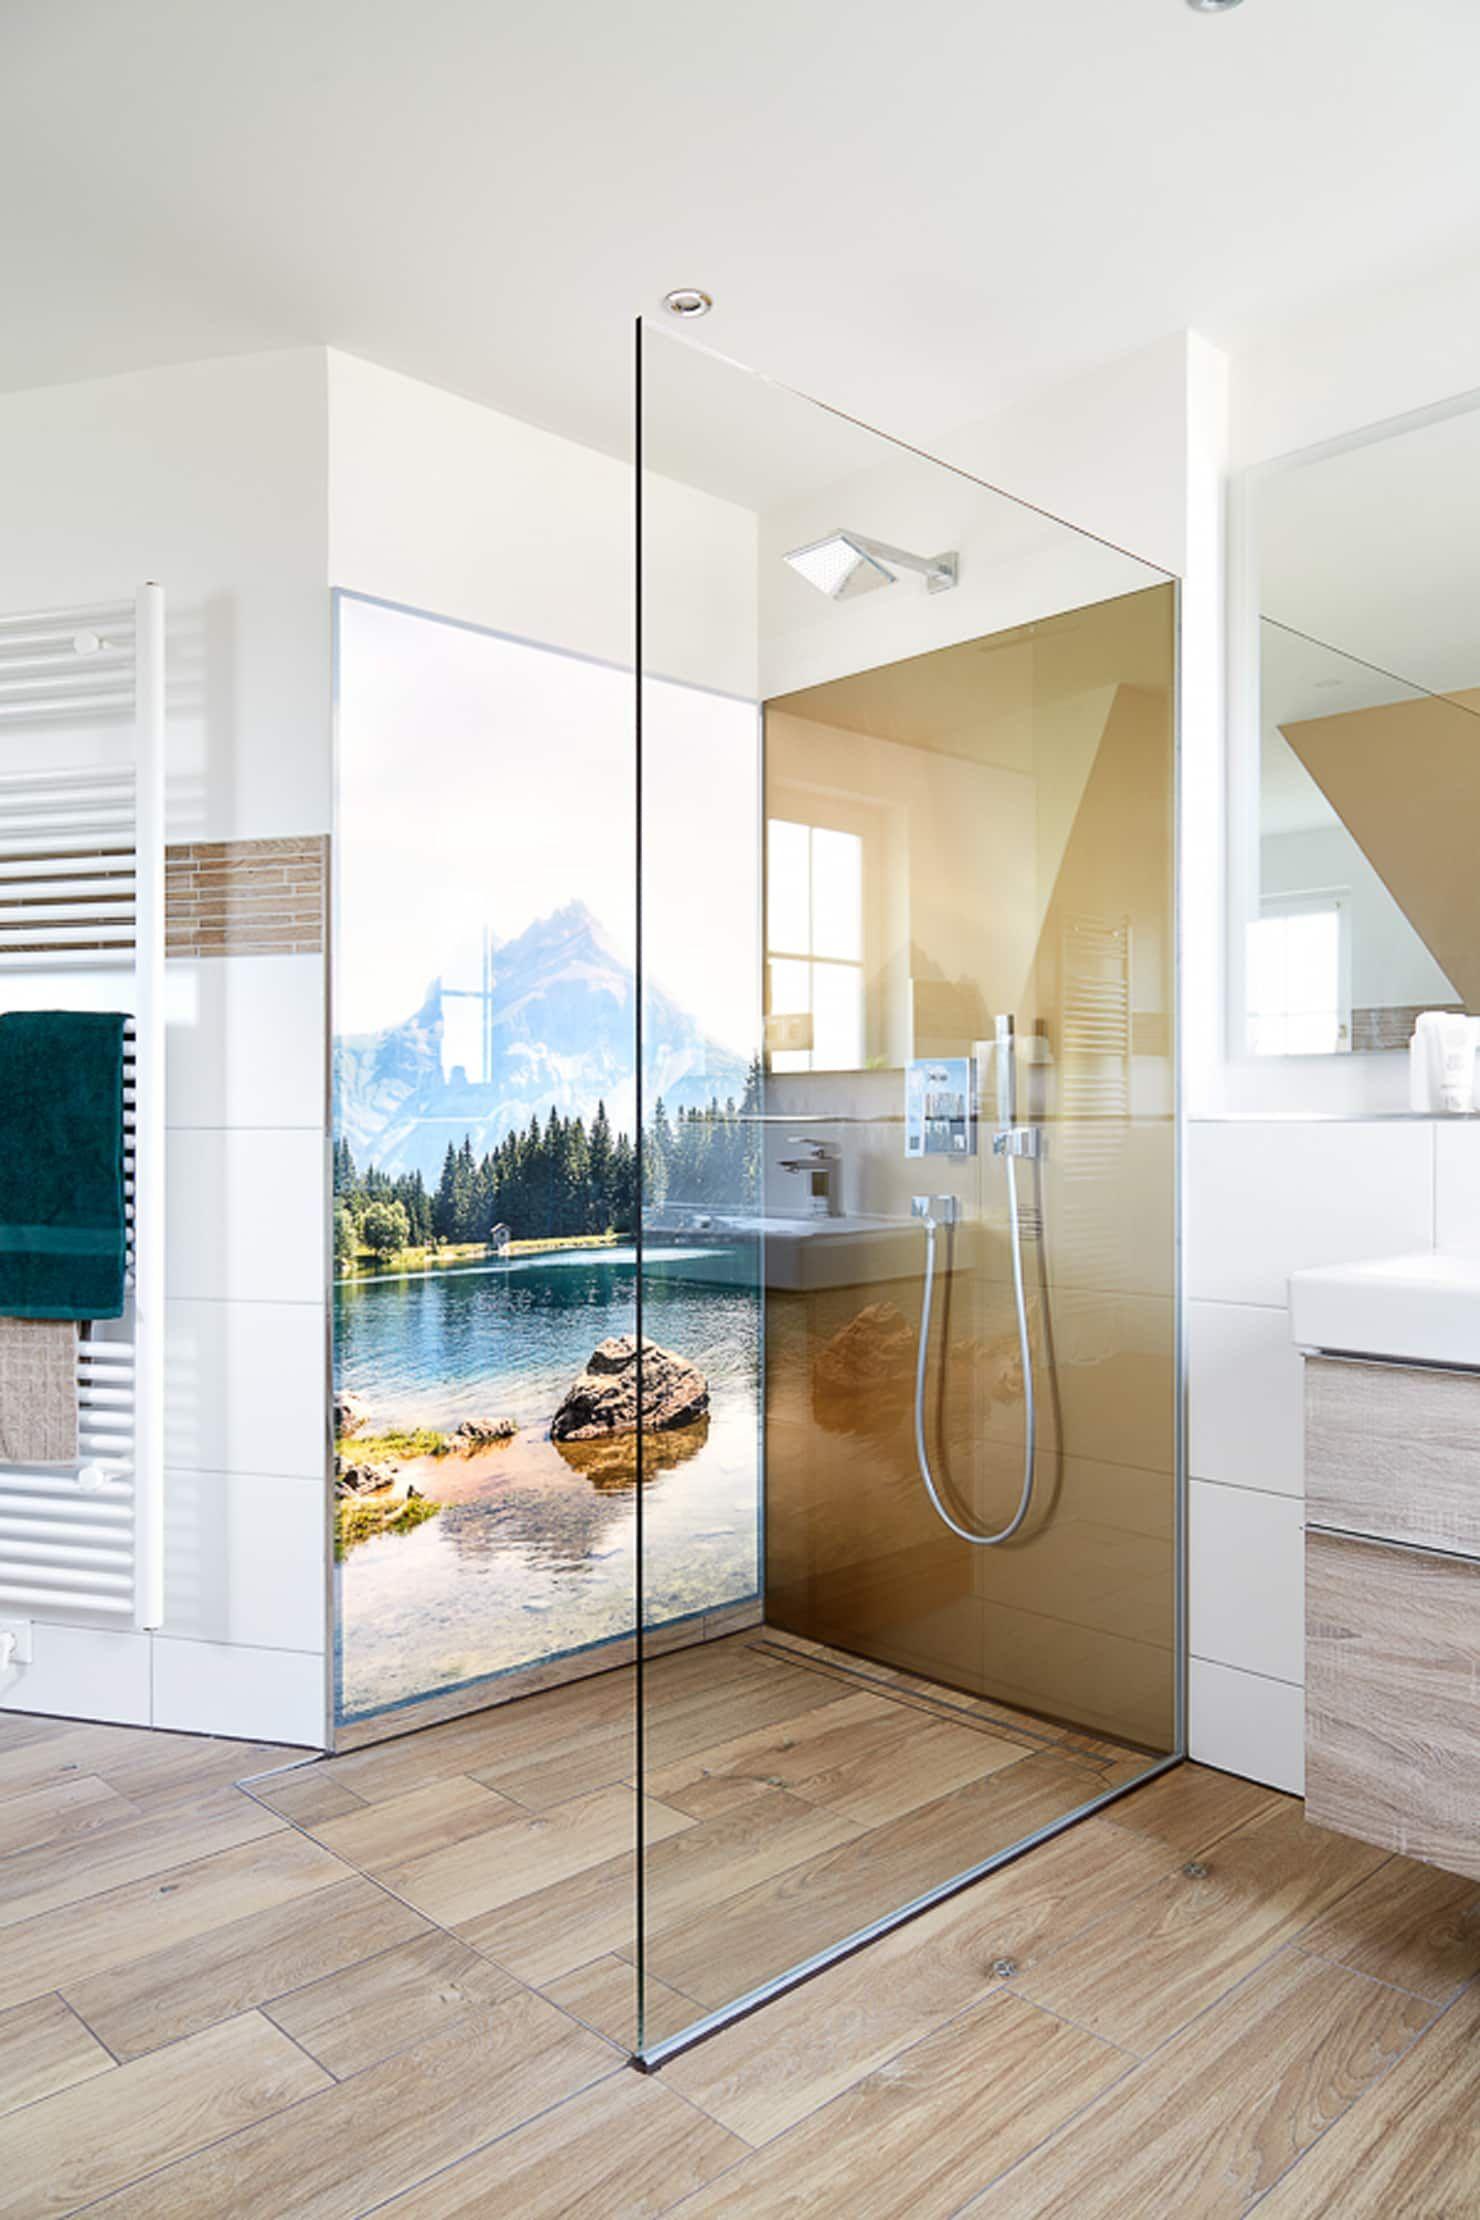 So Holen Sie Sich Die Natur Ins Badezimmer Moderne Badezimmer Von Banovo Gmbh Modern Holz Kunststoff Verbund H Badezimmer Badezimmer Gestalten Bad Einrichten